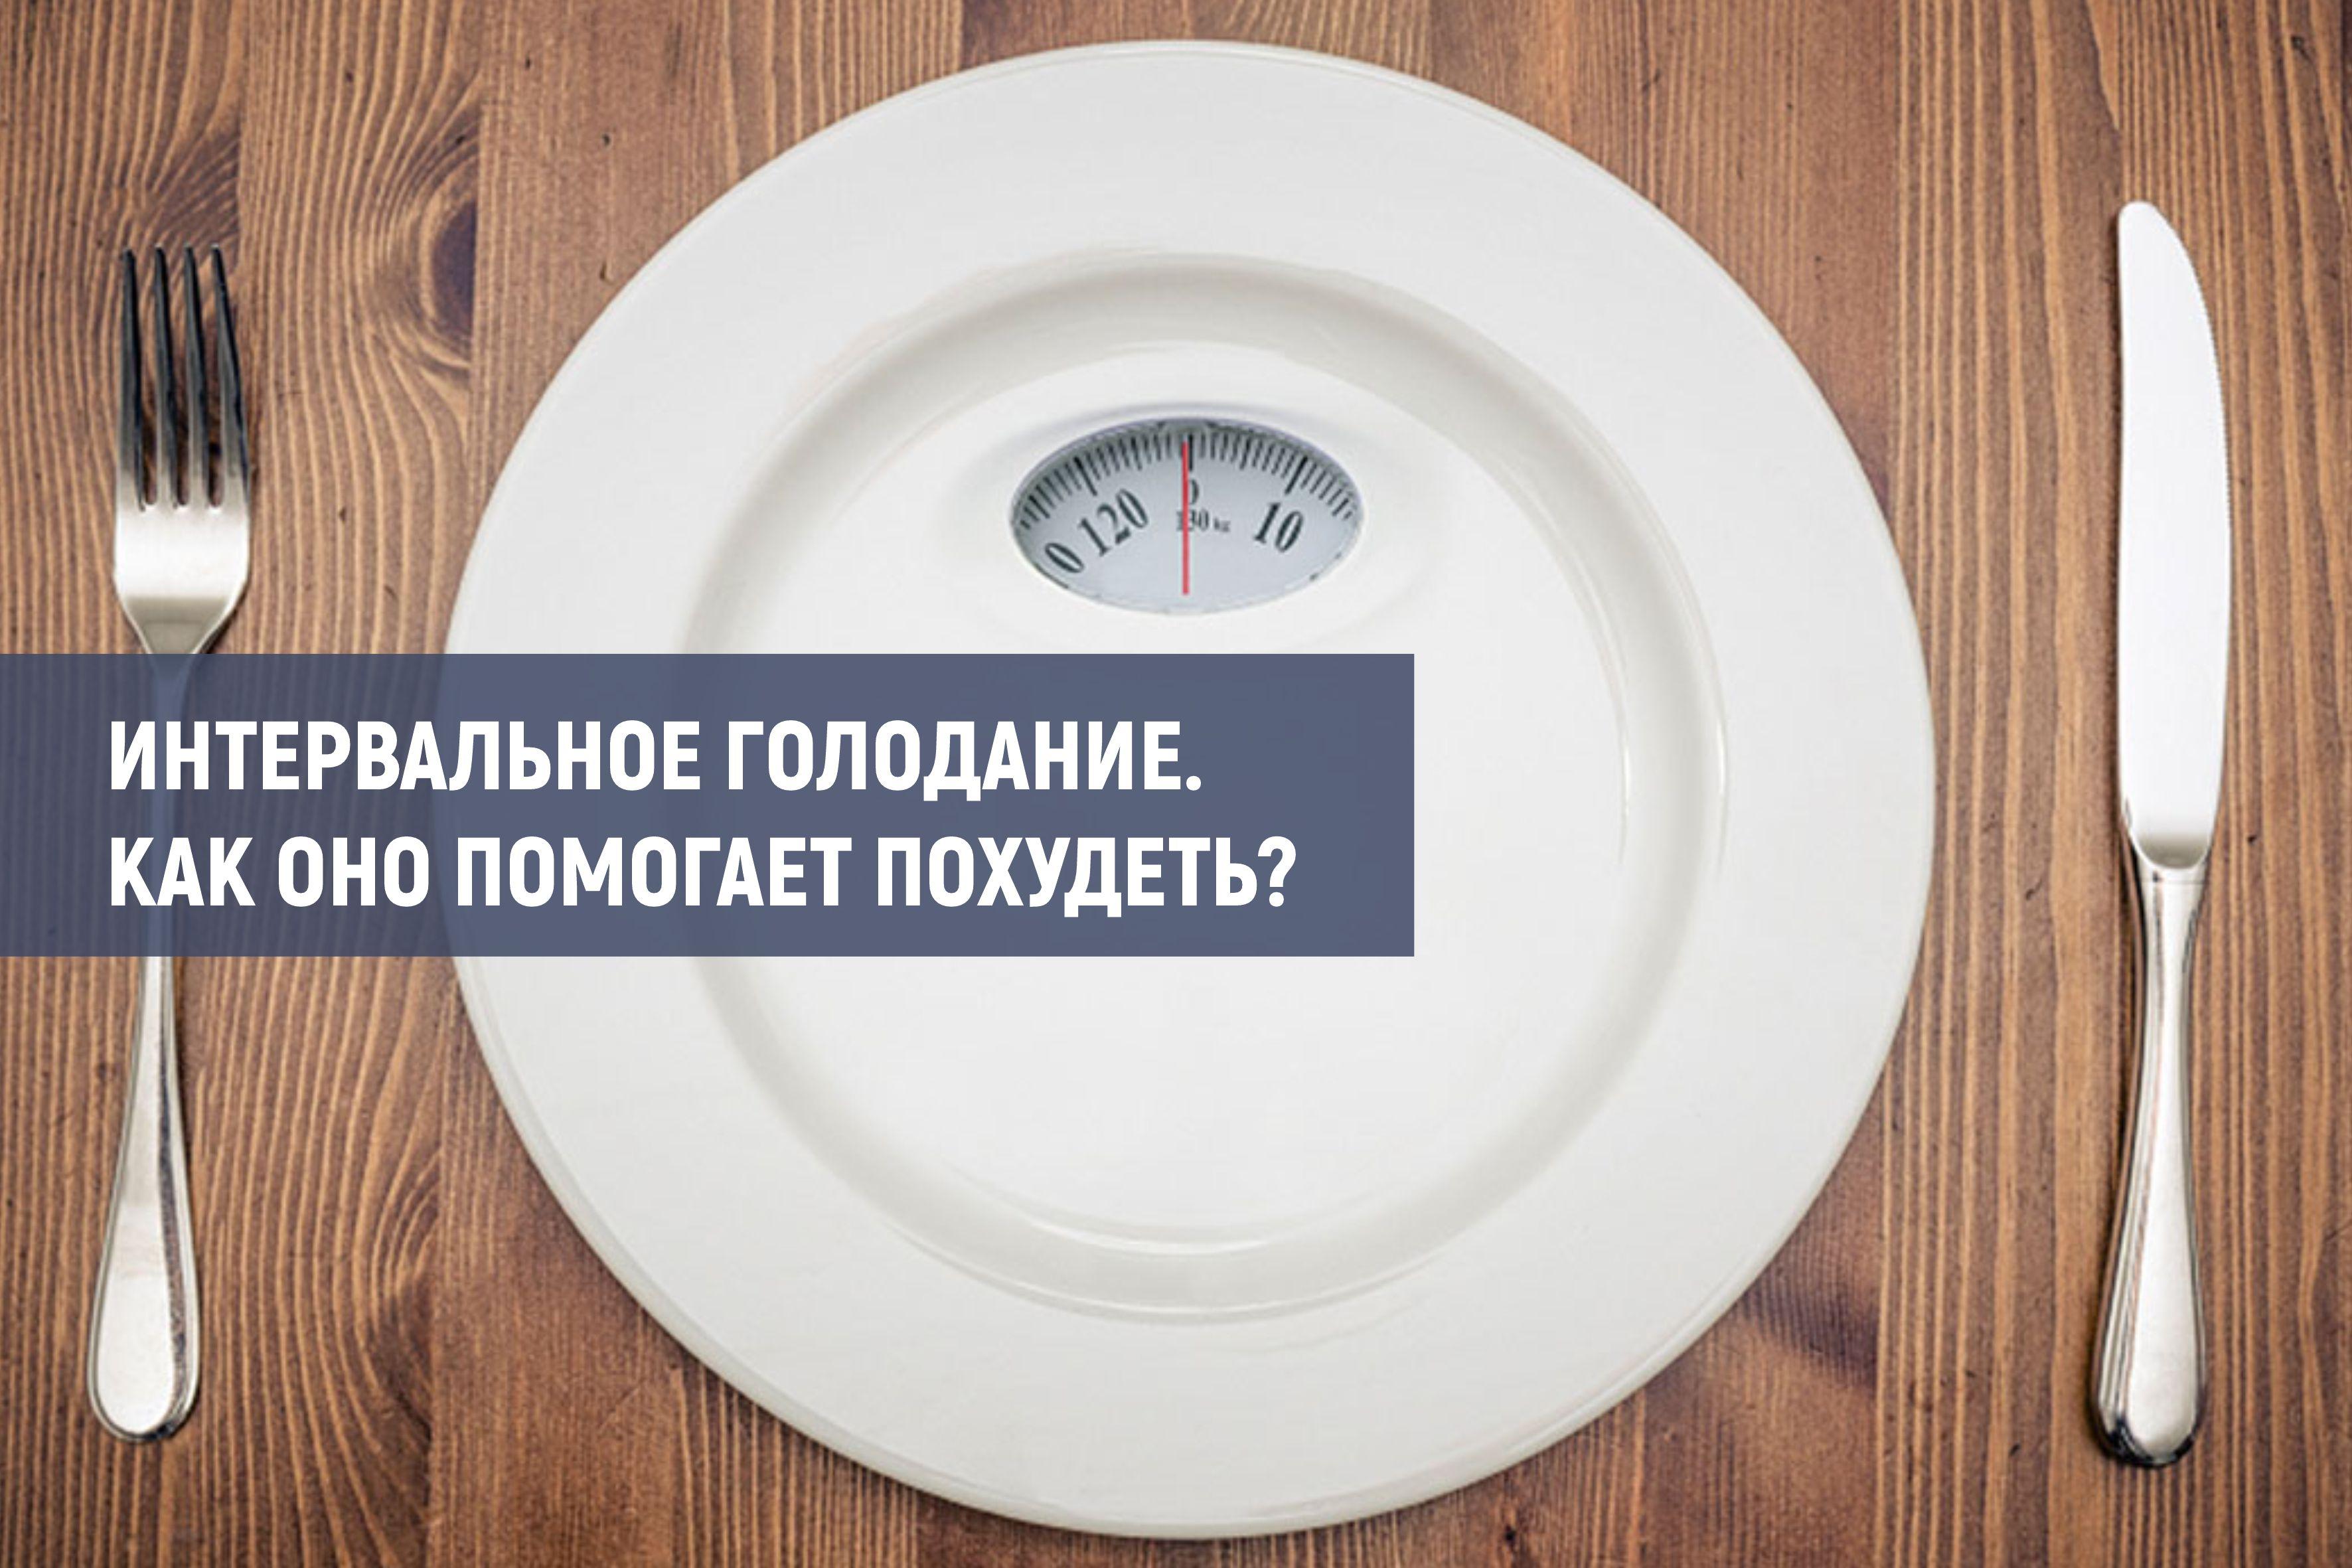 Отзывы о интервальном голодание 16/8 для женщин | стройная жизнь | яндекс дзен